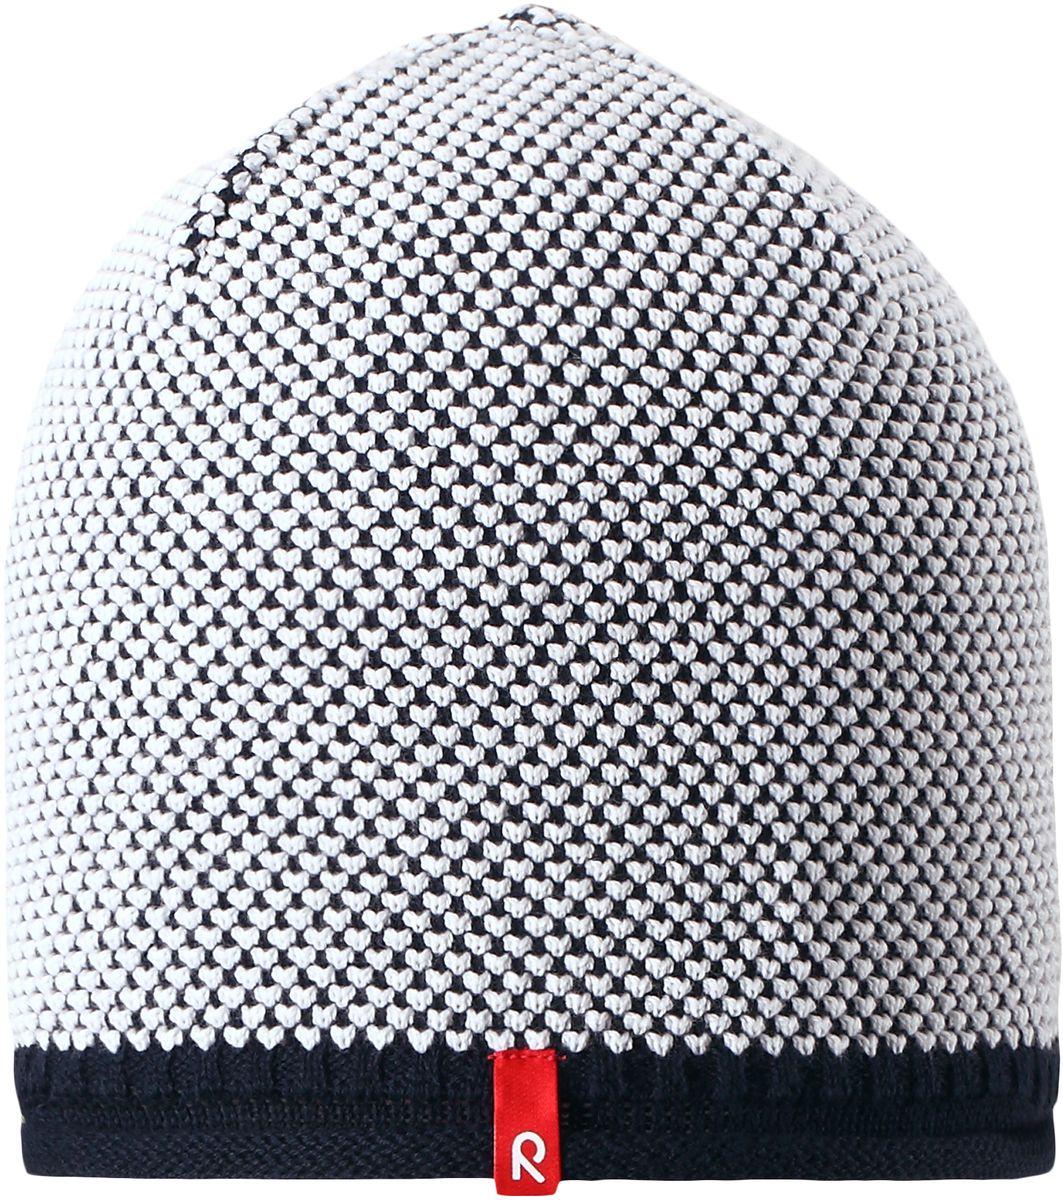 Шапка детская5285296530Яркая детская шапка станет превосходным выбором в межсезонье, в ней можно и поиграть во дворе, и прогуляться по городу. Изготовлена из мягкого и комфортного вязаного хлопка. Эта симпатичная облегченная модель без подкладки идеально подходит для солнечной погоды. Модный вязаный узор.